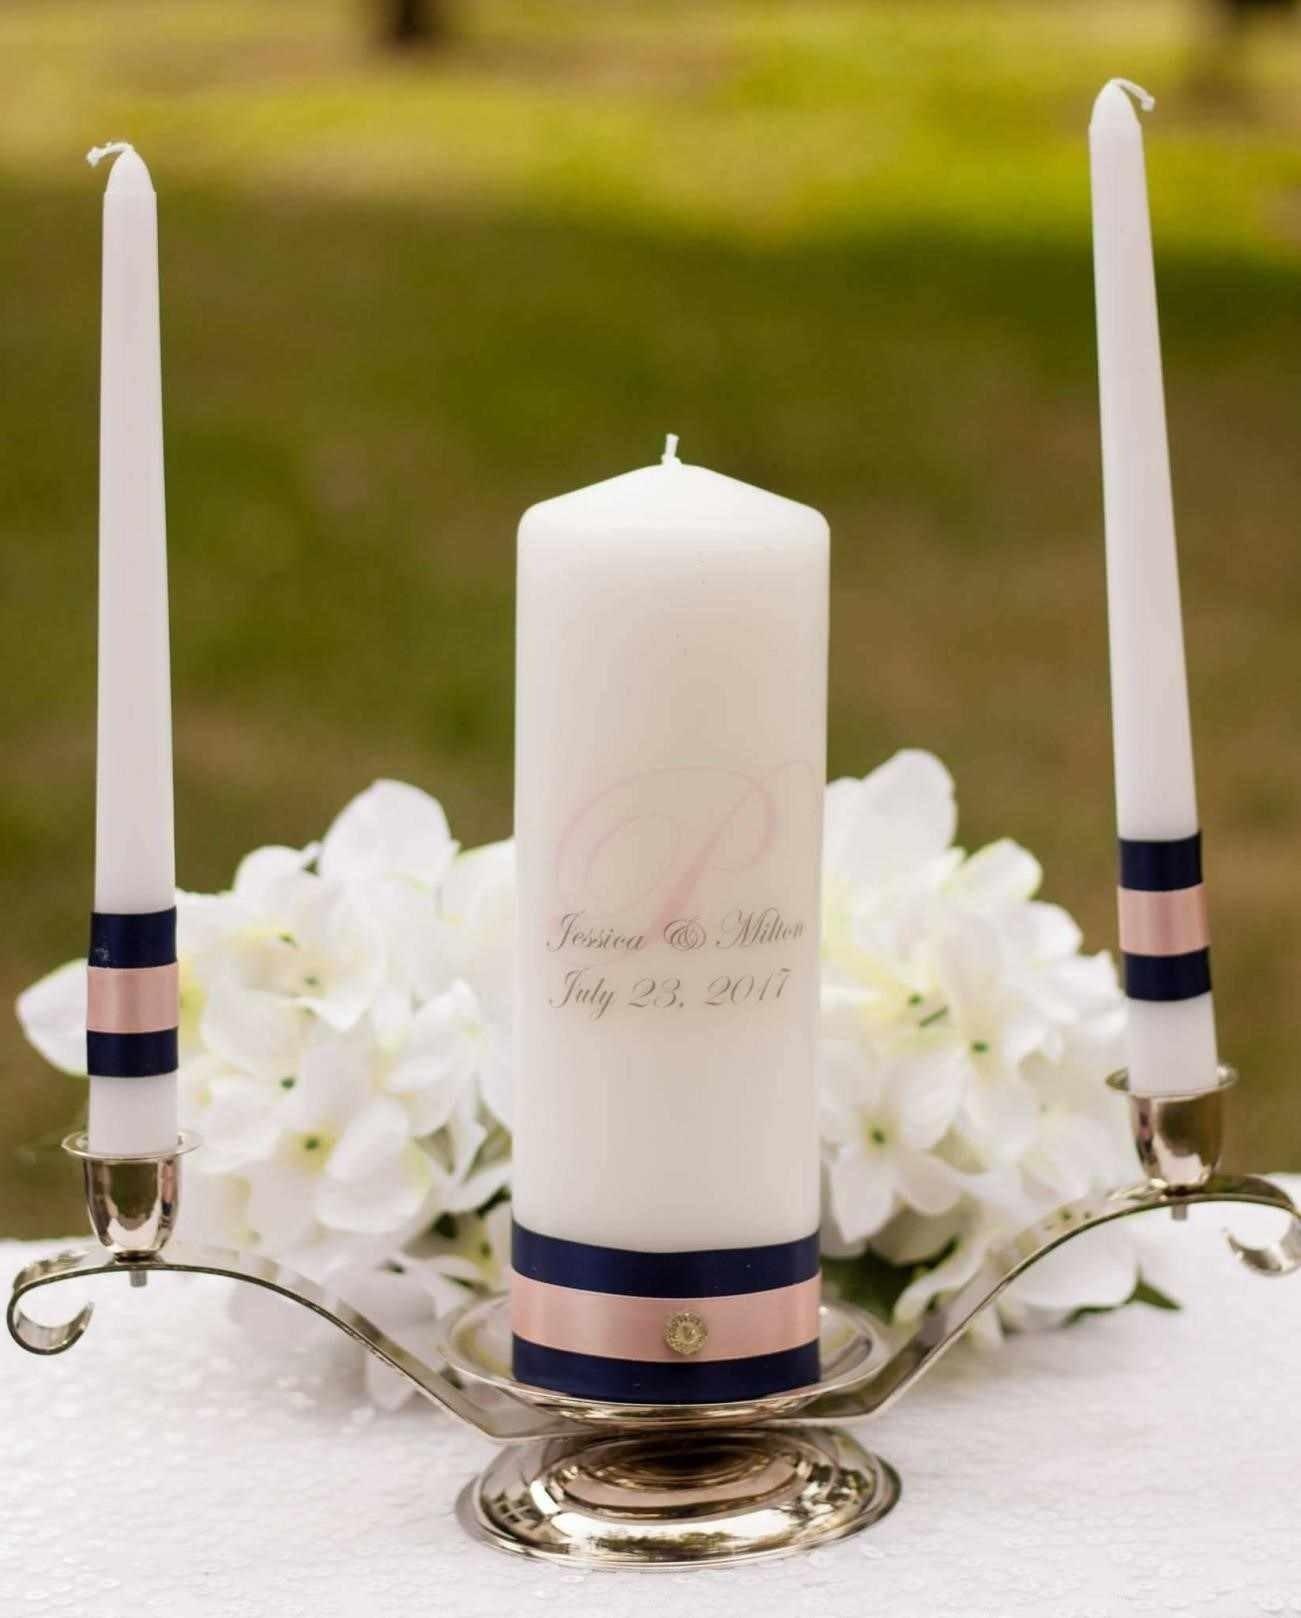 10 Stylish Wedding Ceremony Ideas Instead Of Unity Candle unity candle and blush personalized unity candle set wedding gift 2021